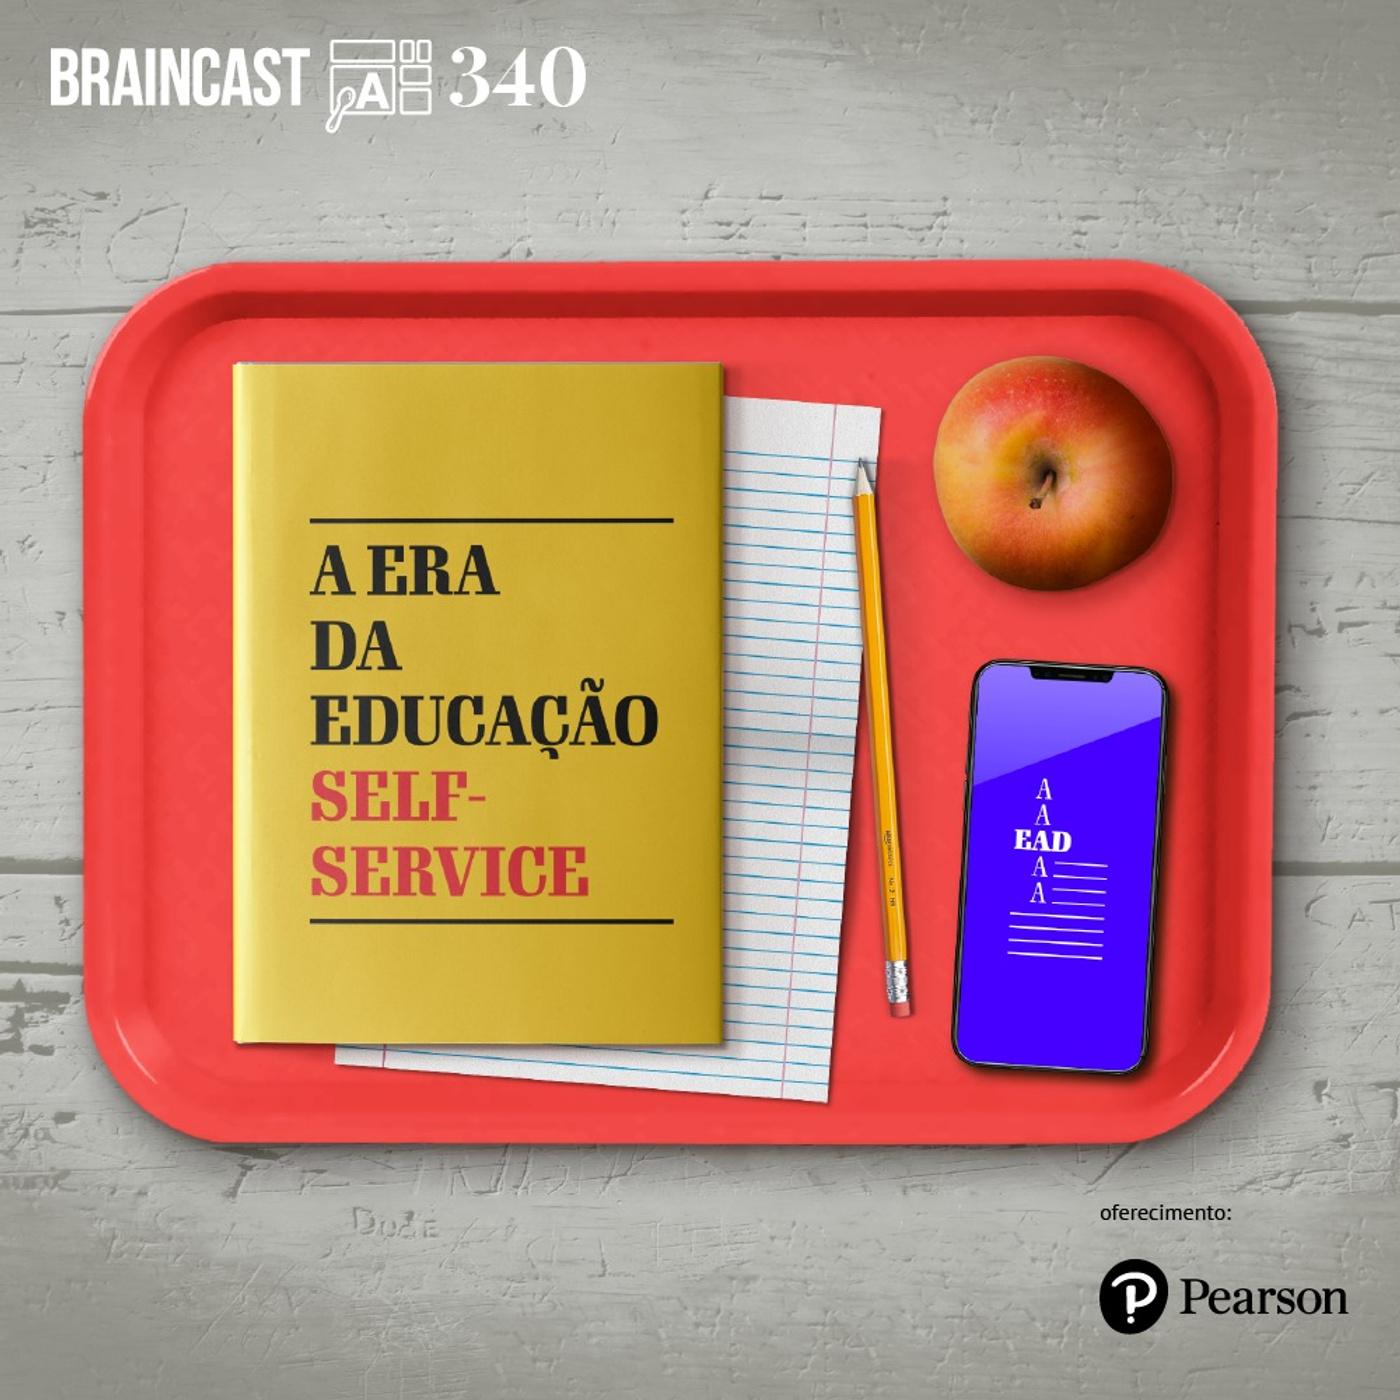 A era da educação self-service